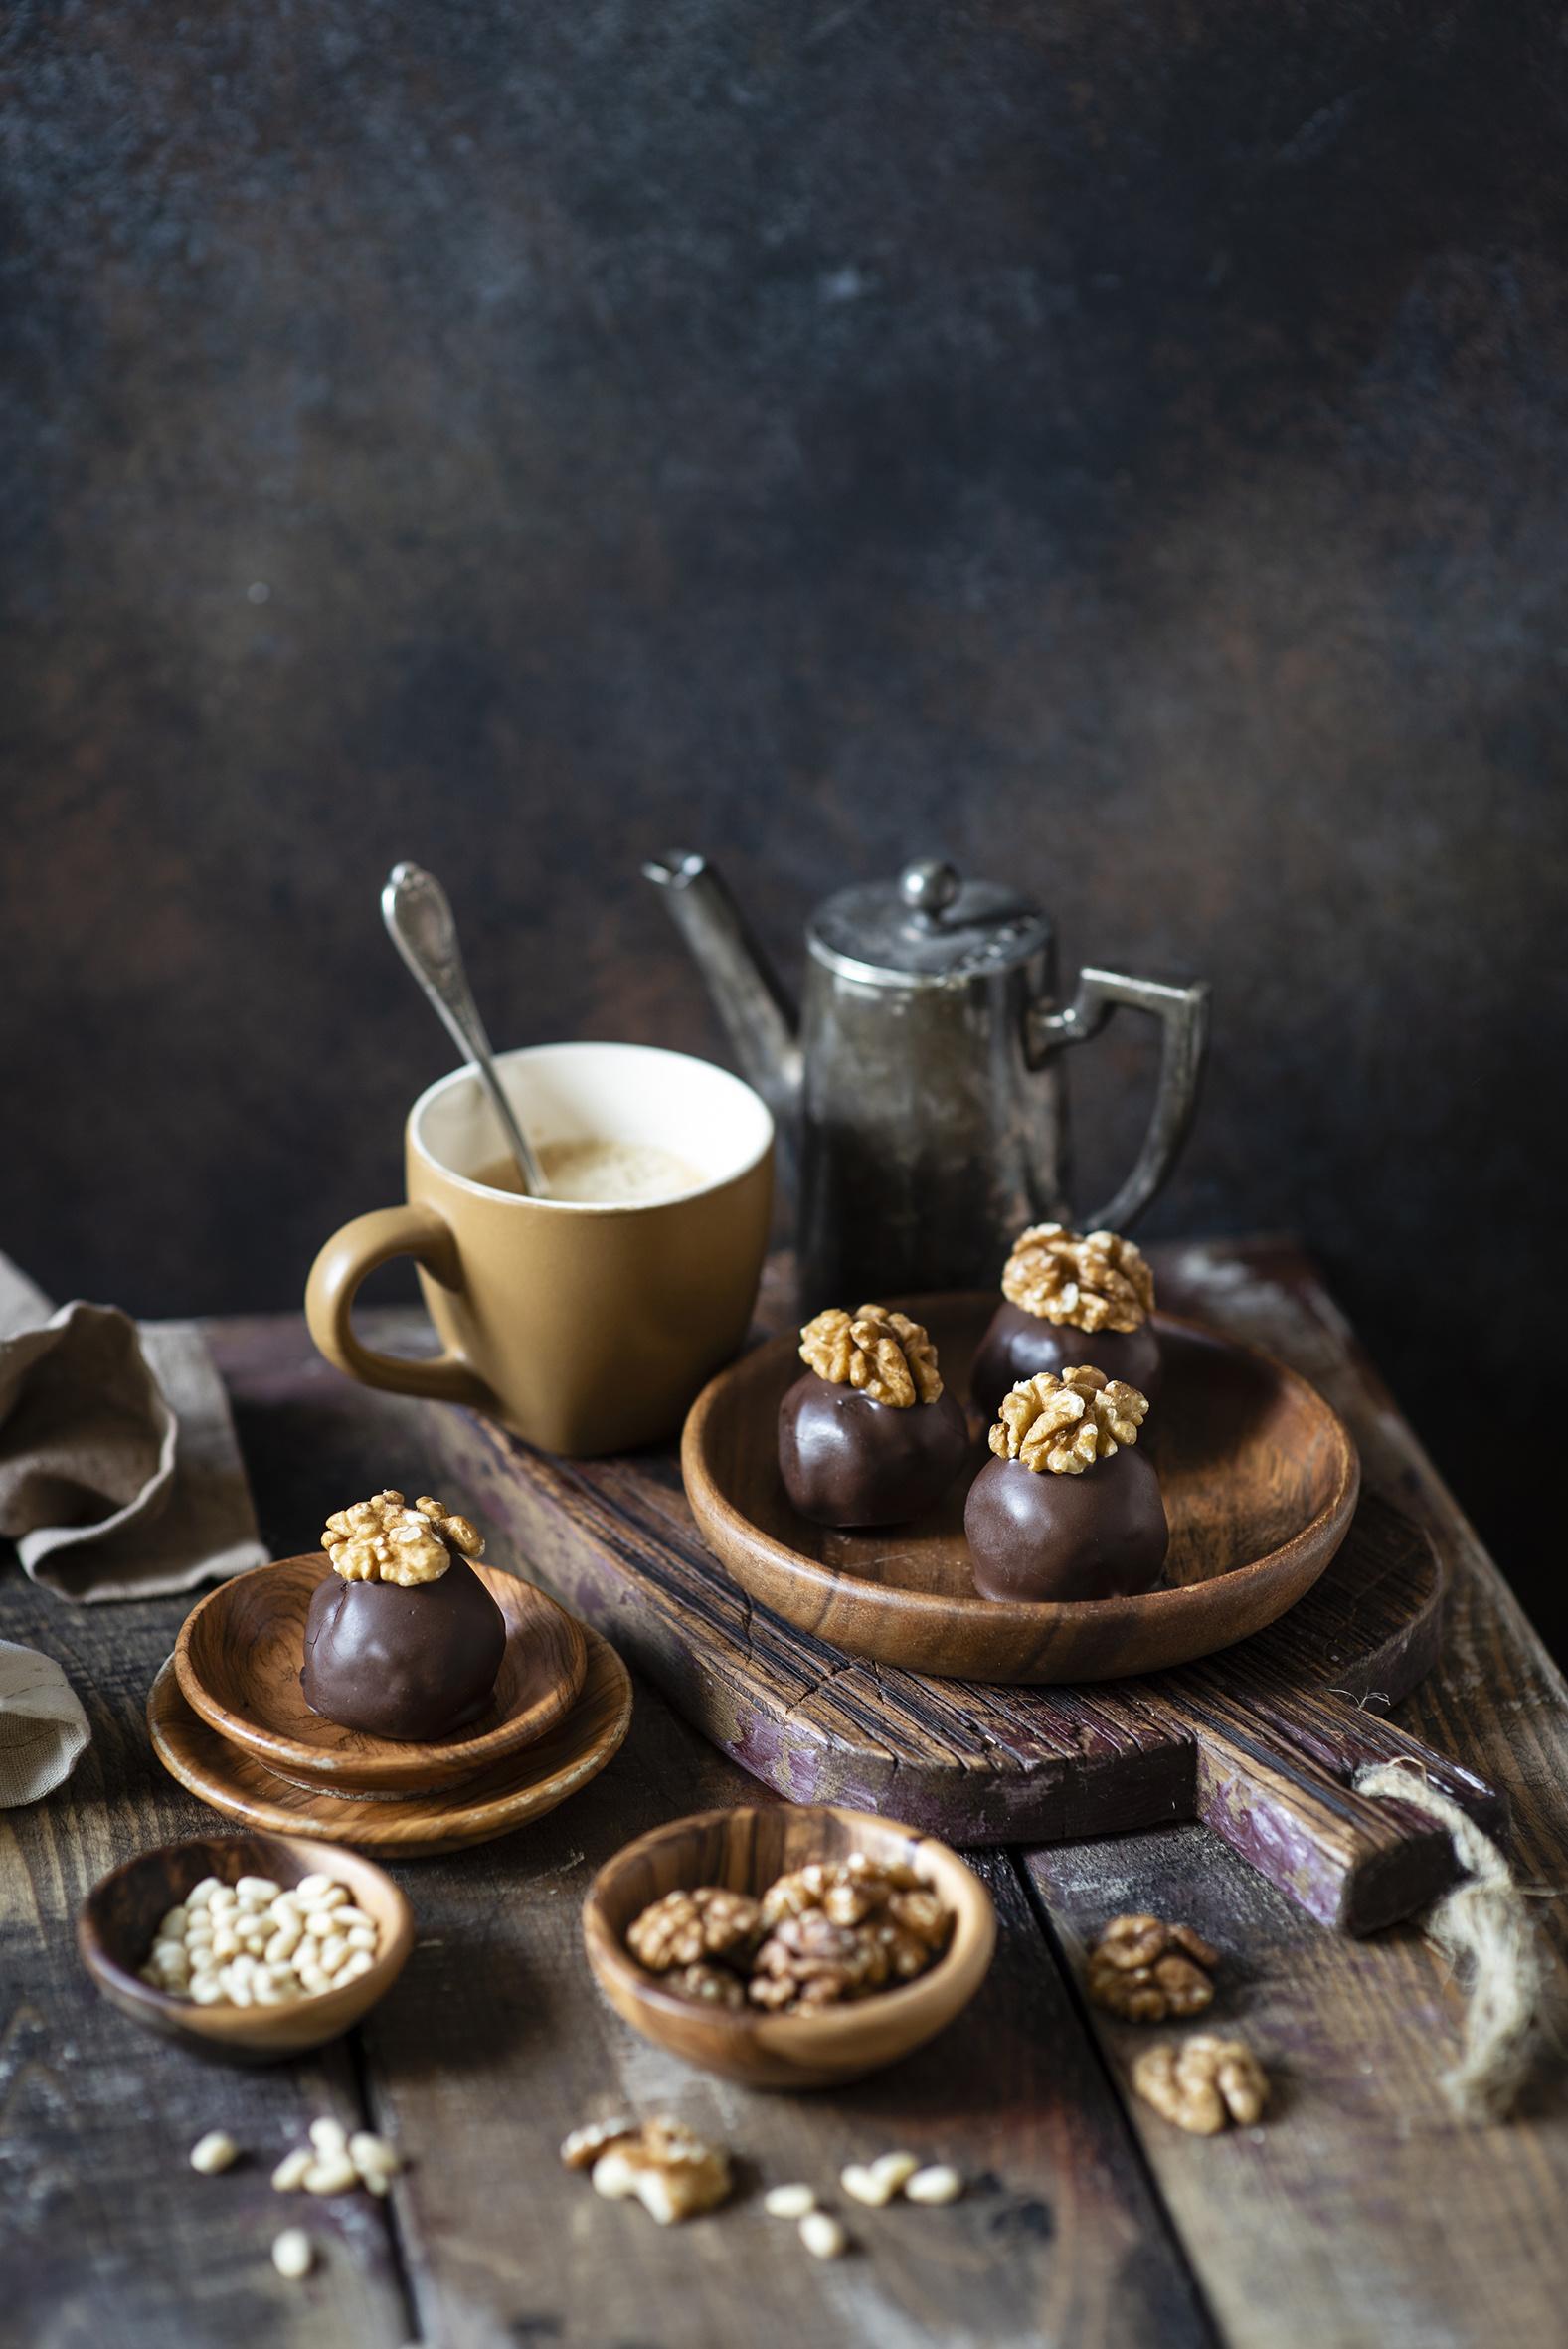 Фото Грецкий орех Шоколад Кофе Конфеты Пища Чашка разделочной доске Орехи Доски  для мобильного телефона Еда чашке Продукты питания Разделочная доска